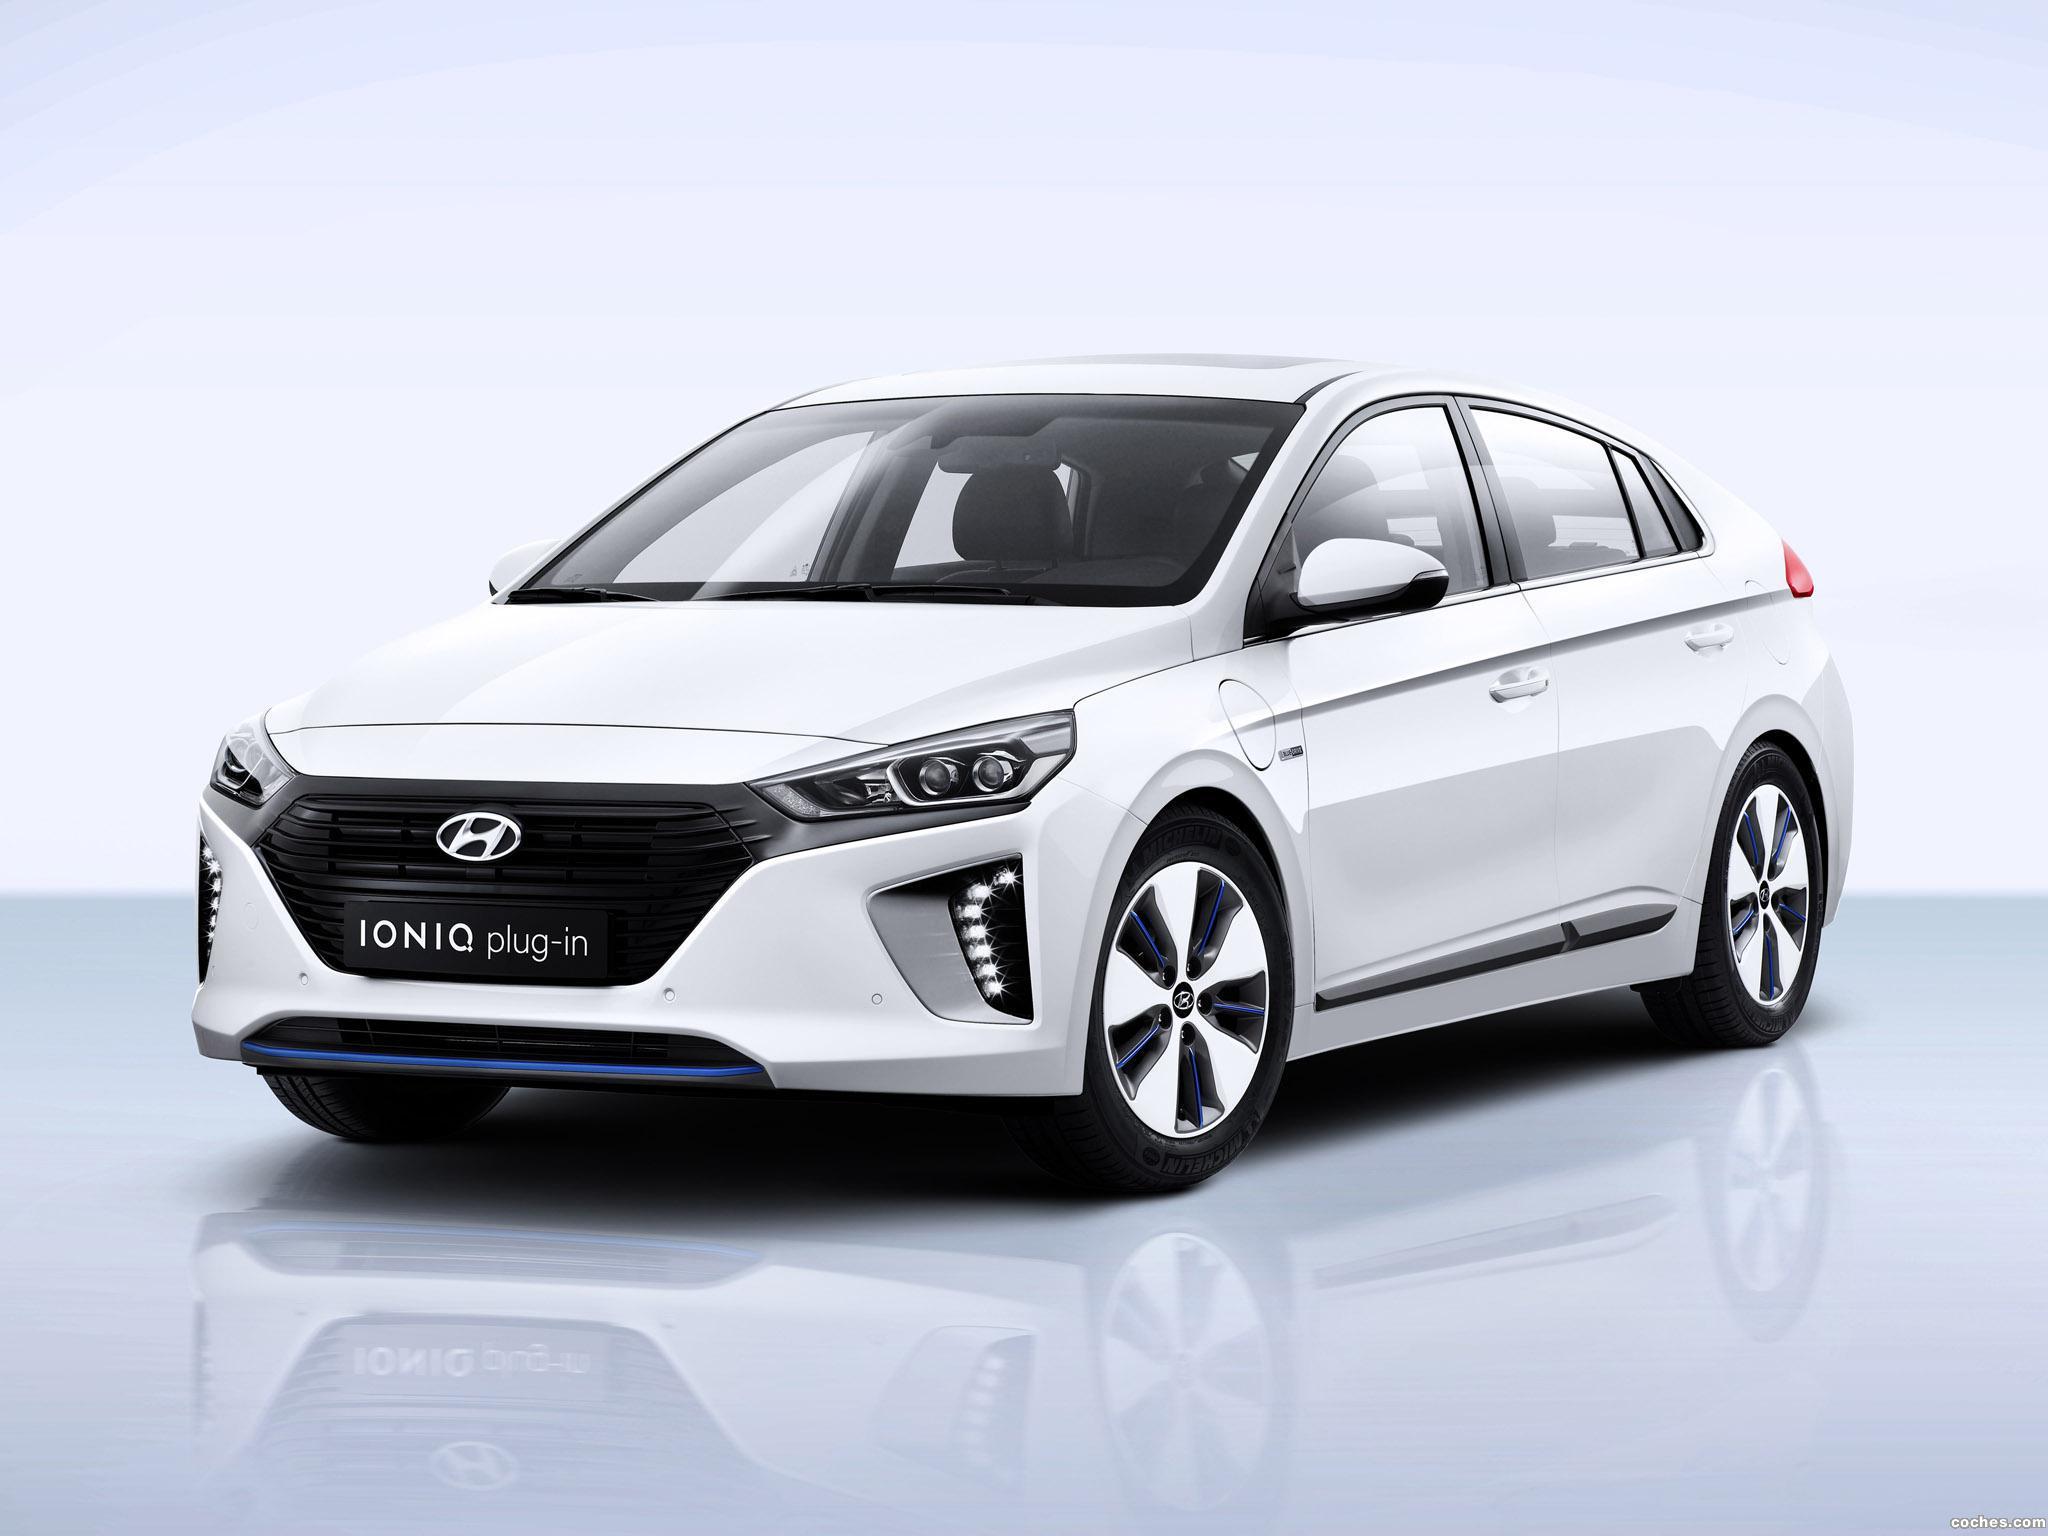 Foto 5 de Hyundai IONIQ Plug In 2016